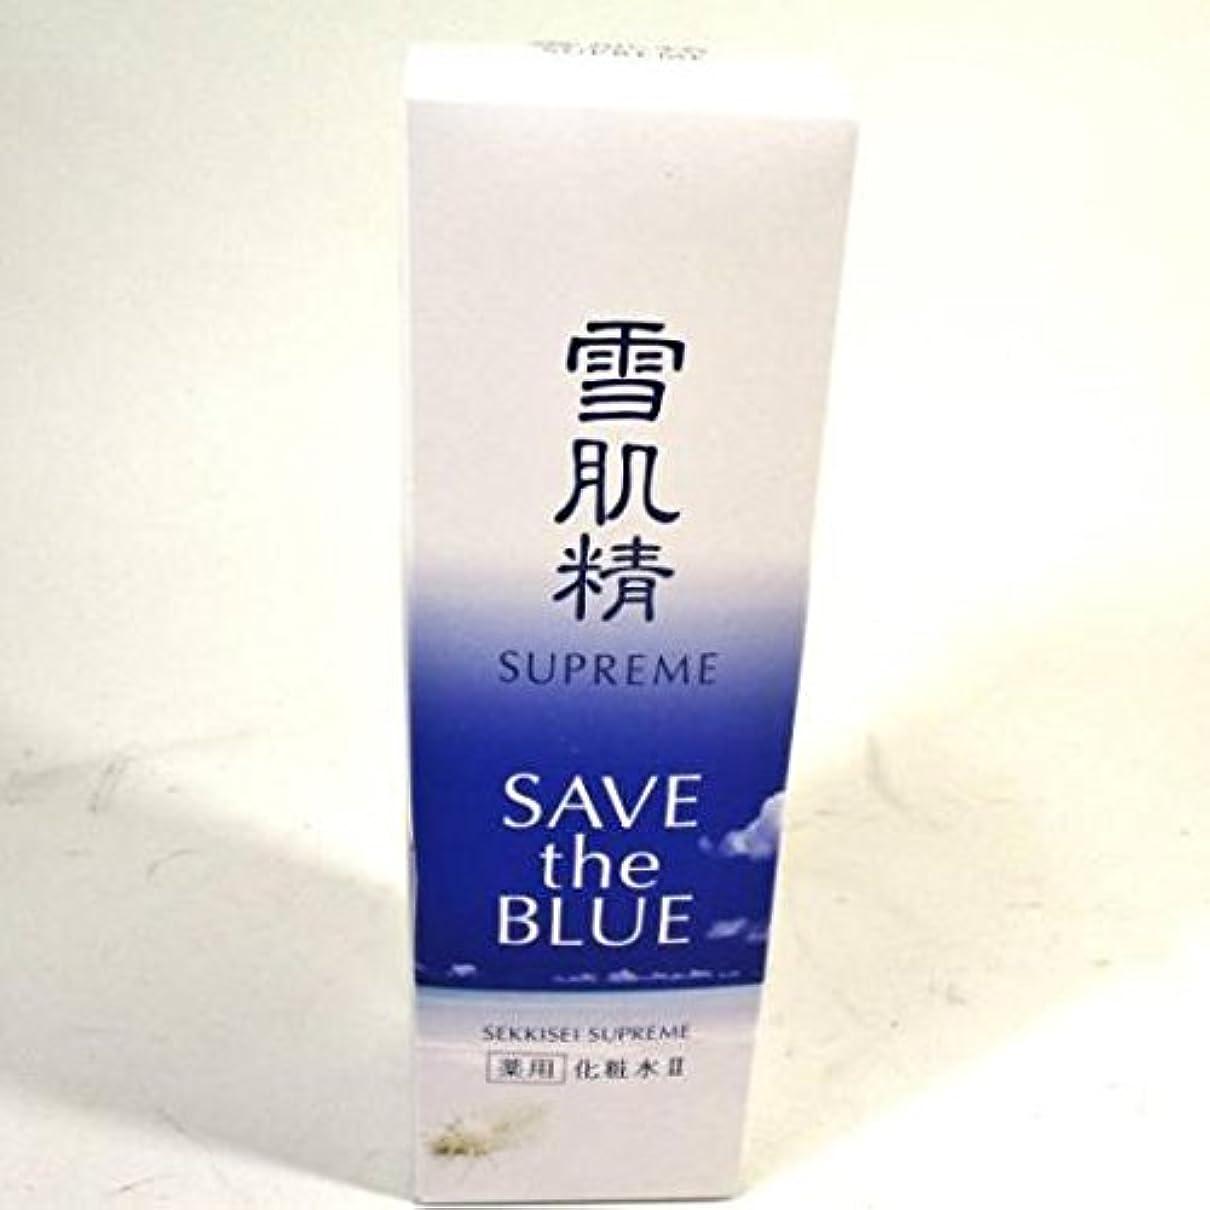 認める登るエンジニアリングコーセー 雪肌精 シュープレム 化粧水 Ⅱ 「SAVE the BLUE」 400ml